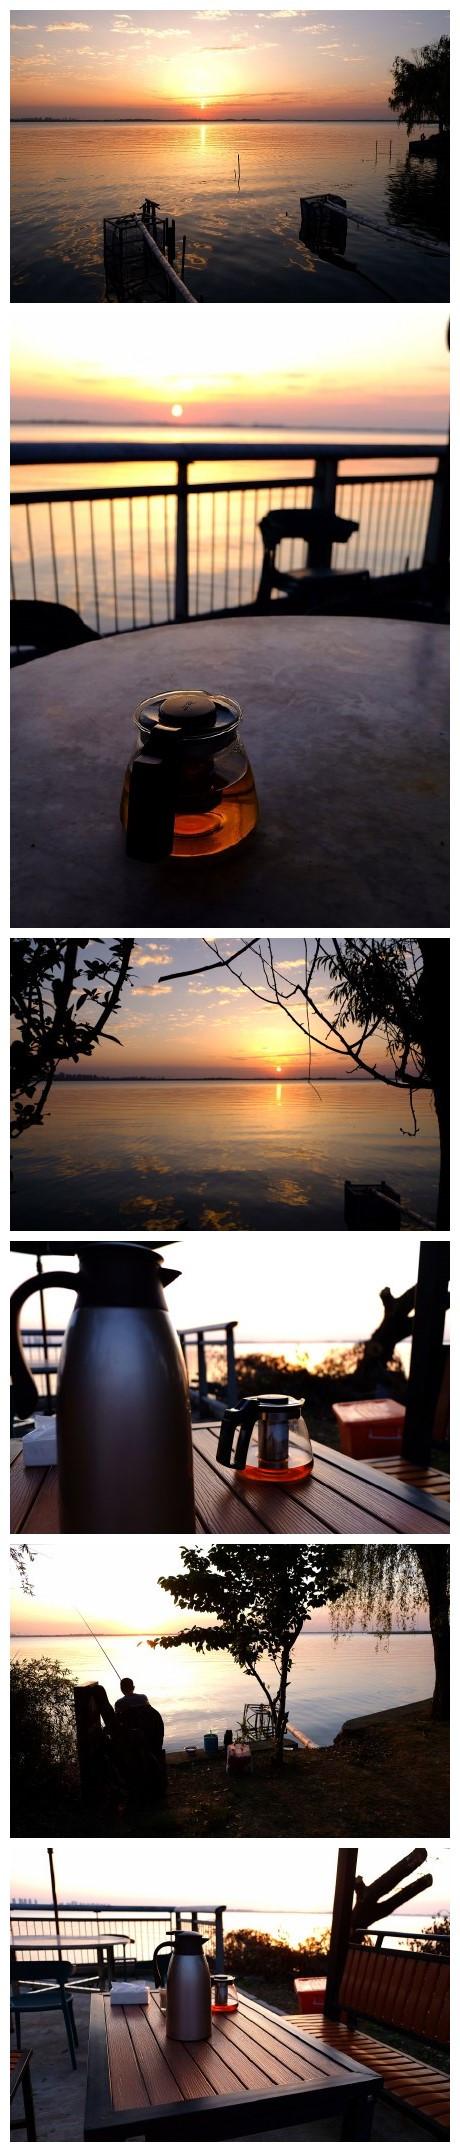 阳澄湖浅水湾的黄昏